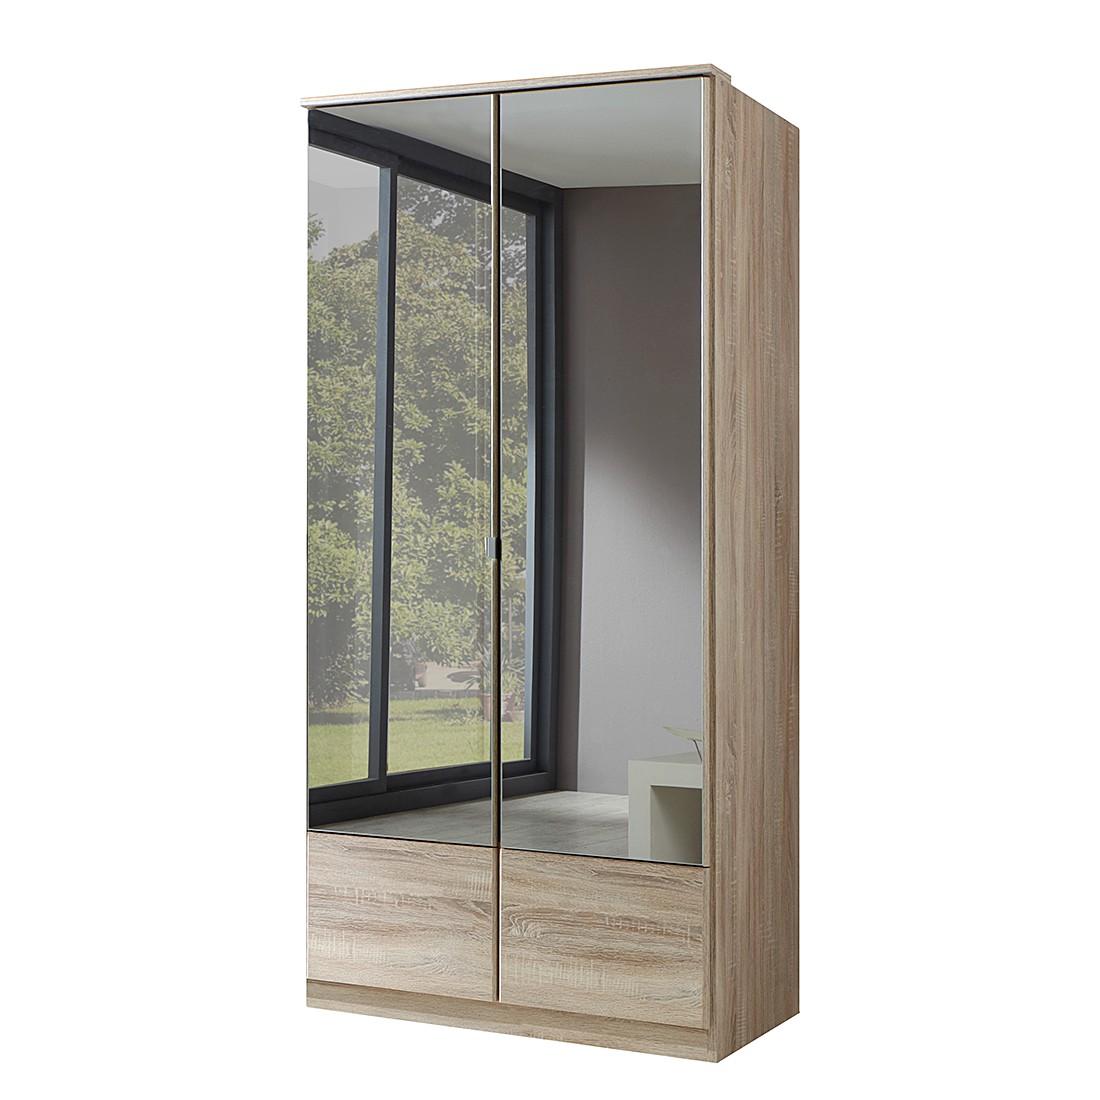 Drehtürenschrank Imago – Eiche Sägerau Dekor – Schrankbreite: 90 cm – 2 Spiegel, Wimex günstig kaufen